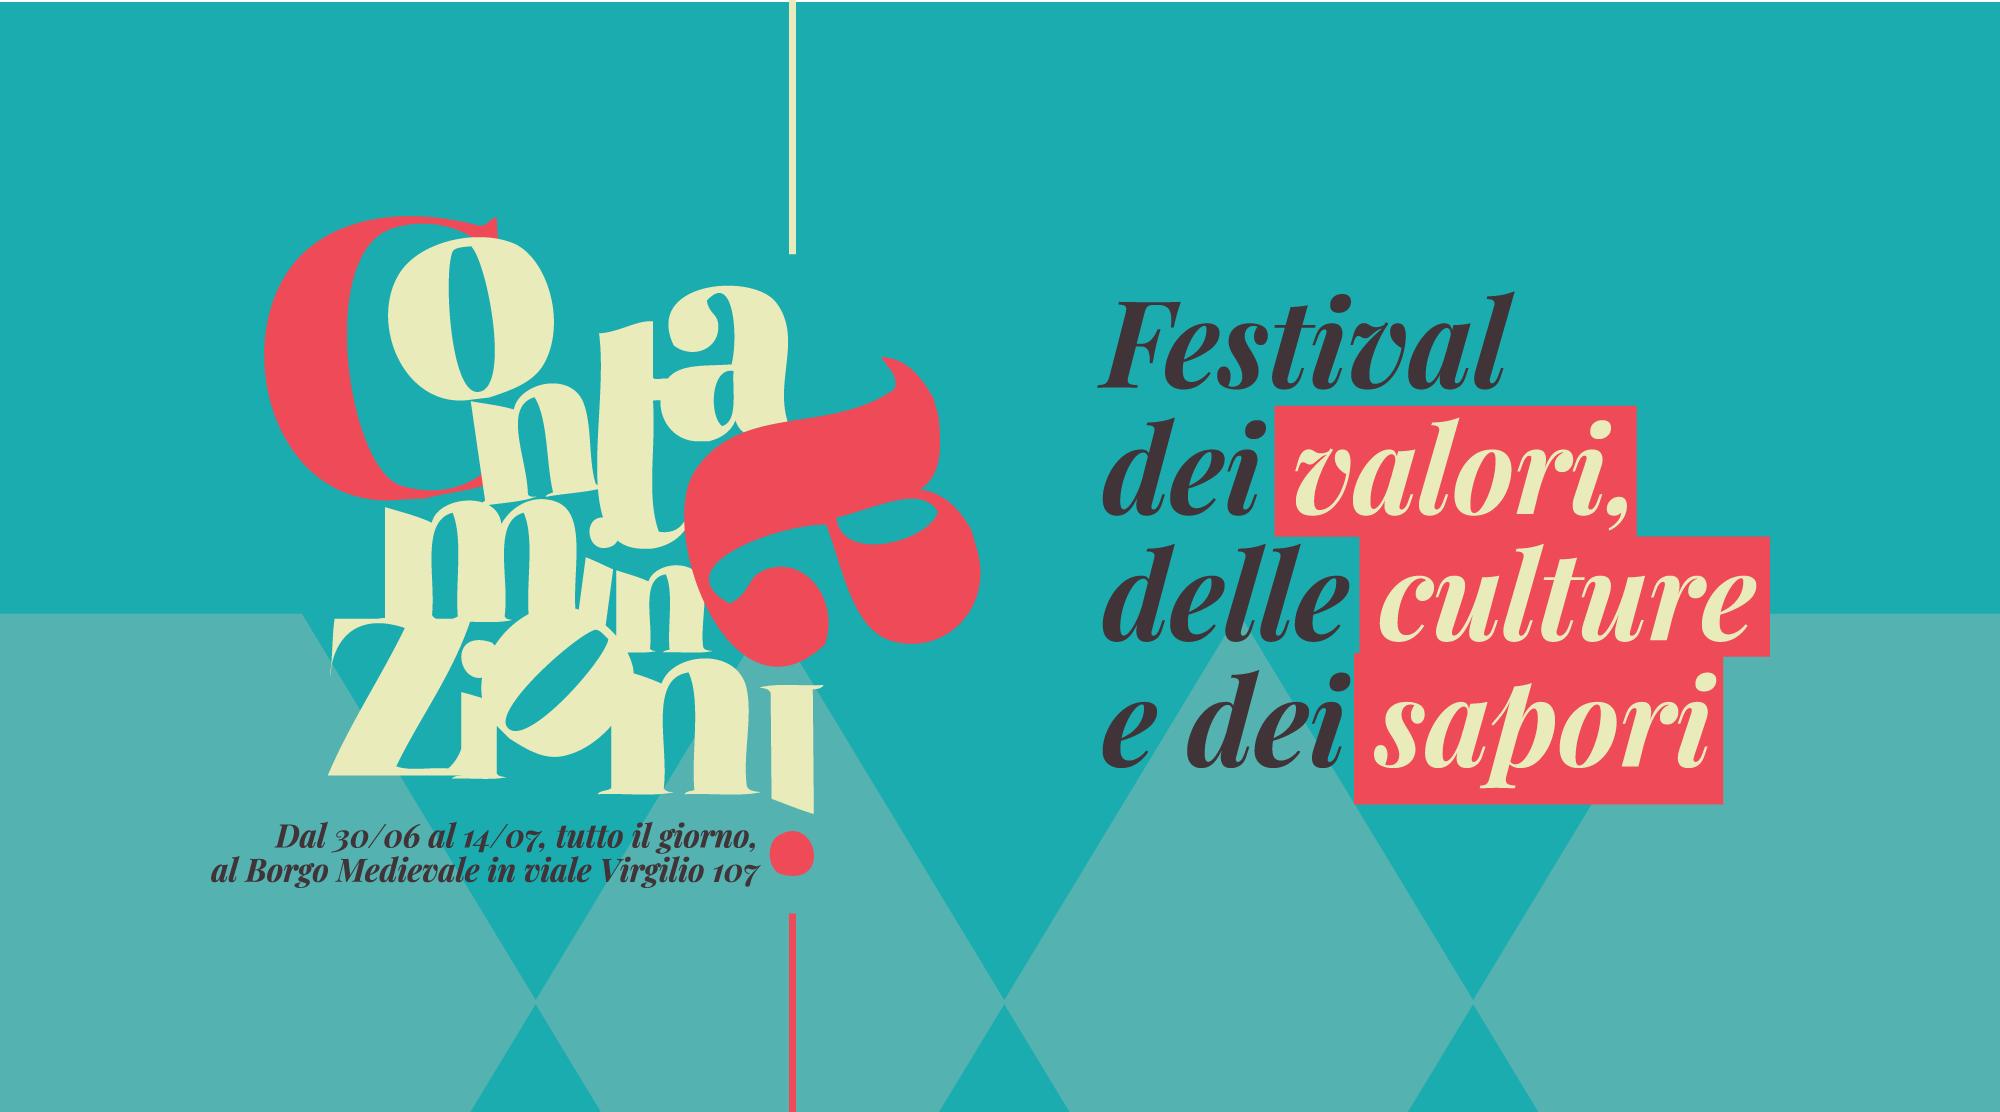 Contaminazioni Festival - Borgo Medievale Torino